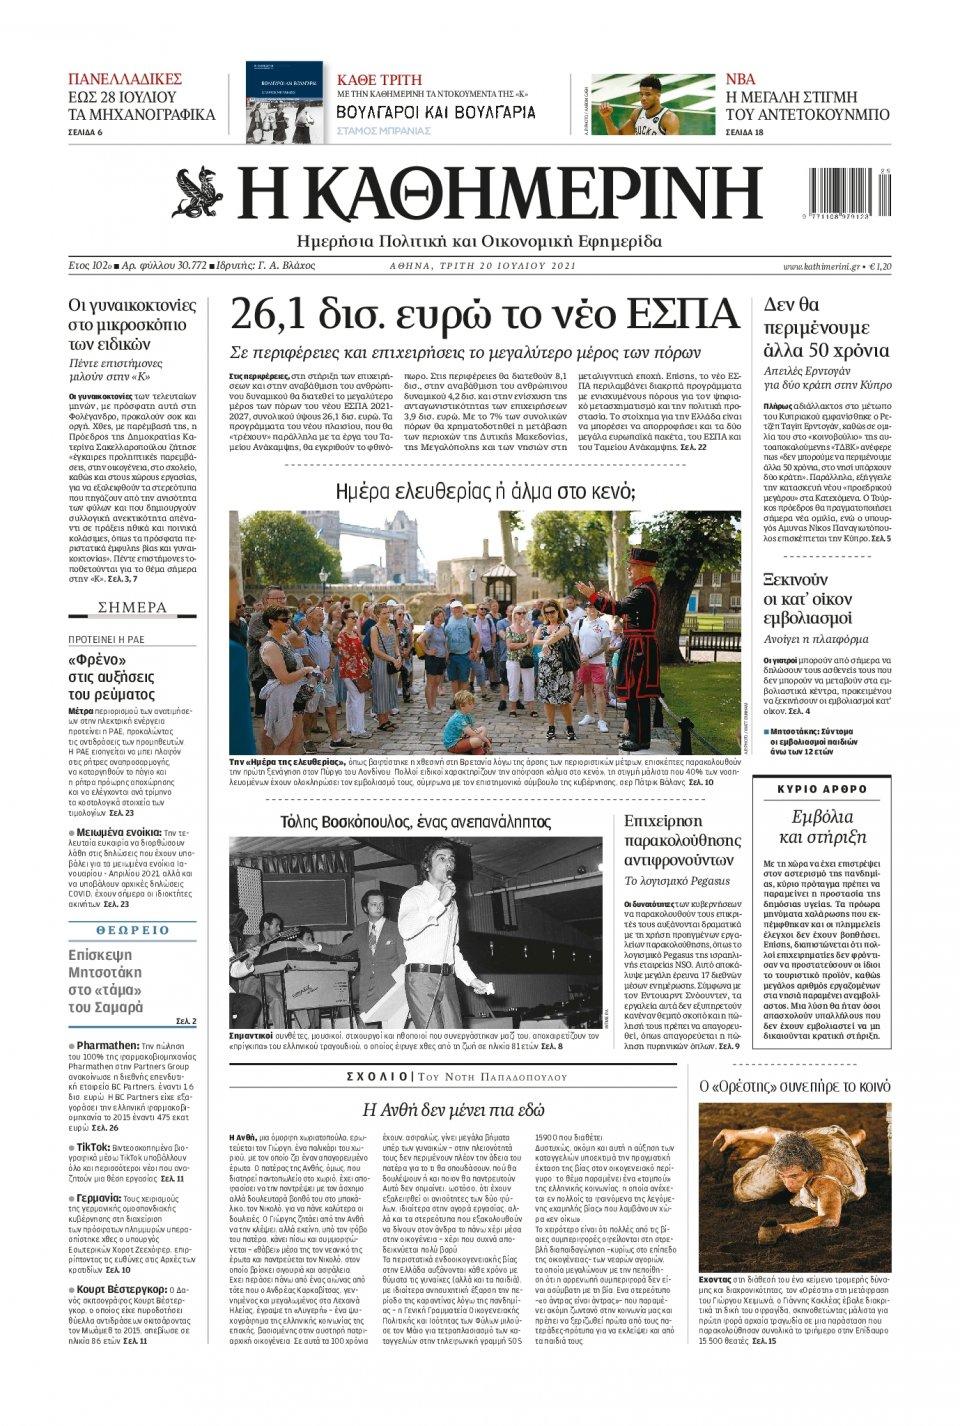 Πρωτοσέλιδο Εφημερίδας - Καθημερινή - 2021-07-20